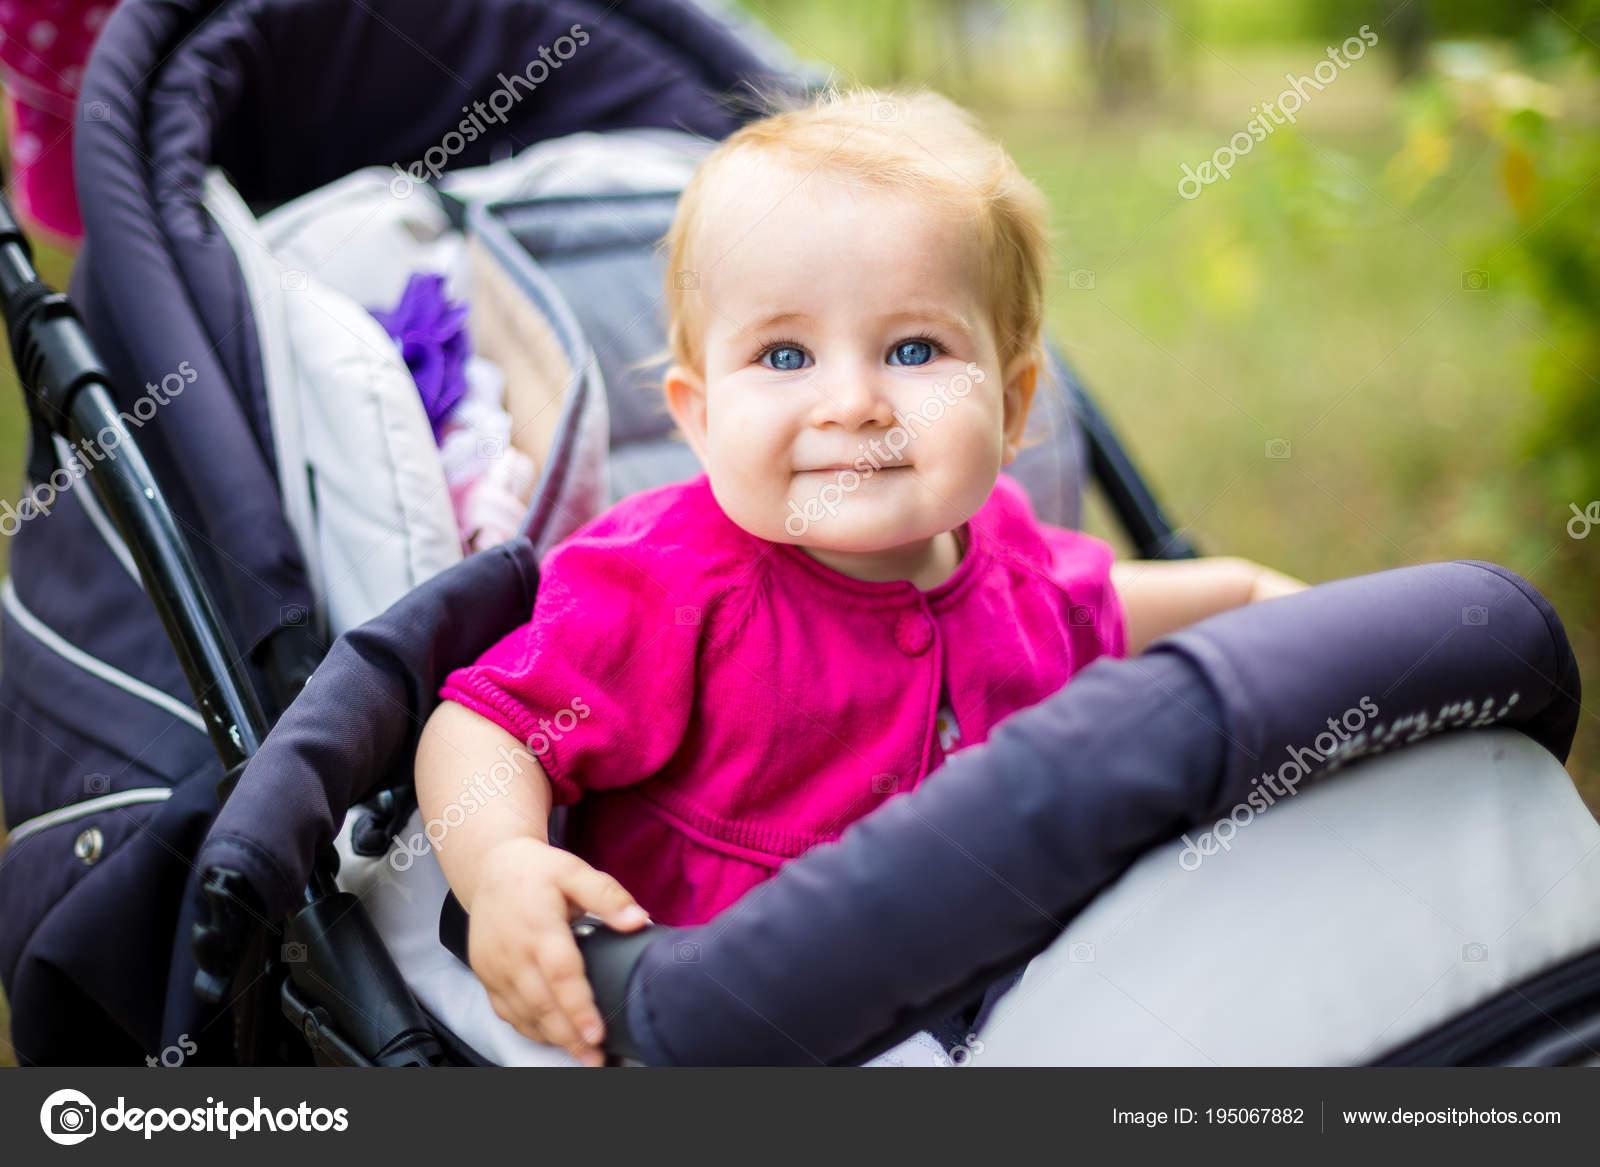 009c45e5f698 Portrait d un petit blond de fille drôle enfant aux yeux bleus, assis dans  une poussette de bébé durant l été pour les verts. Trinasport pour un enfant  et ...